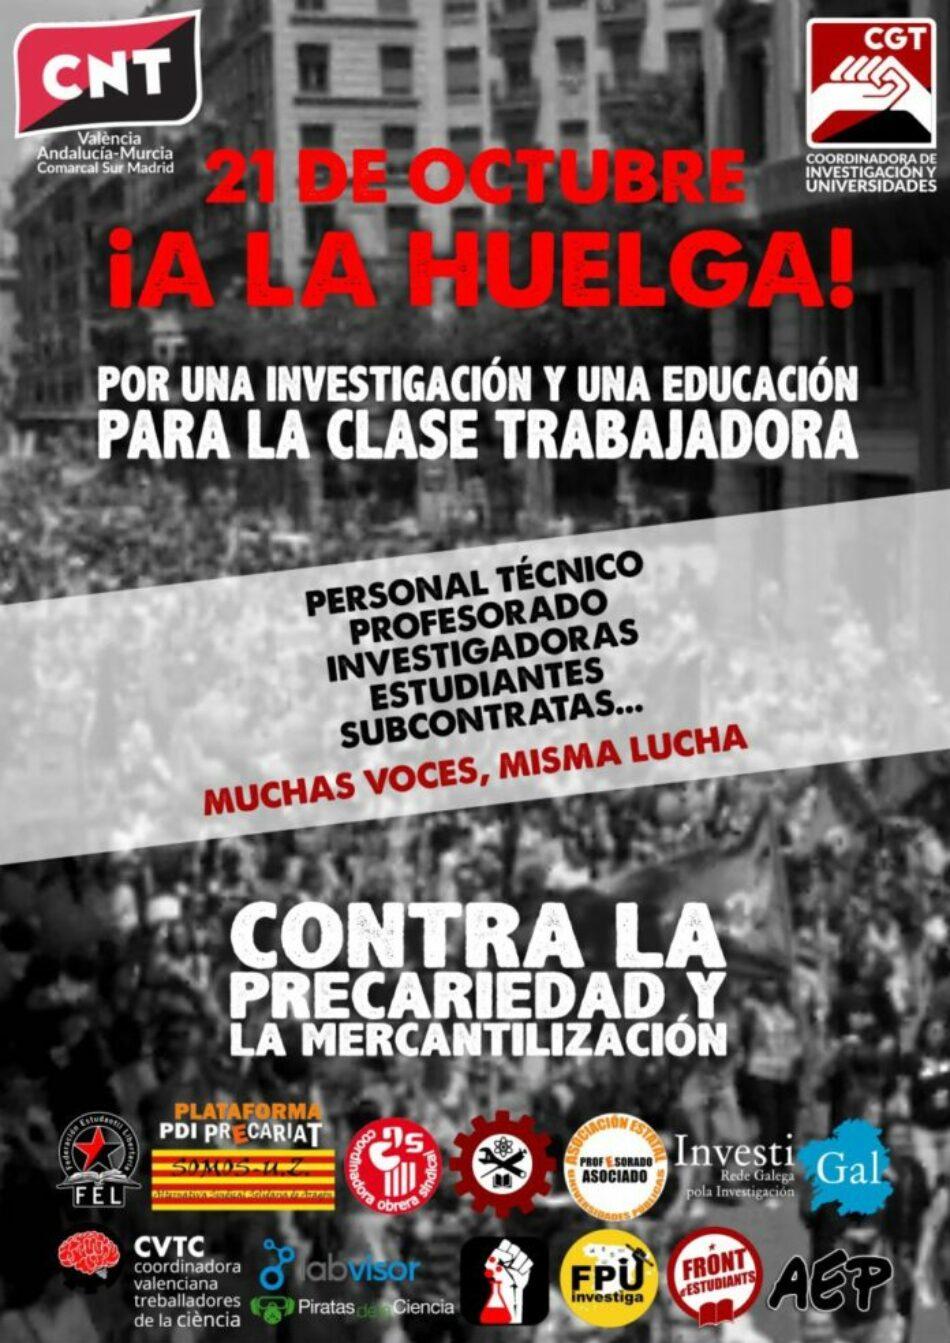 CGT convoca huelga el 21 de octubre en universidades y centros de investigación de todo el Estado